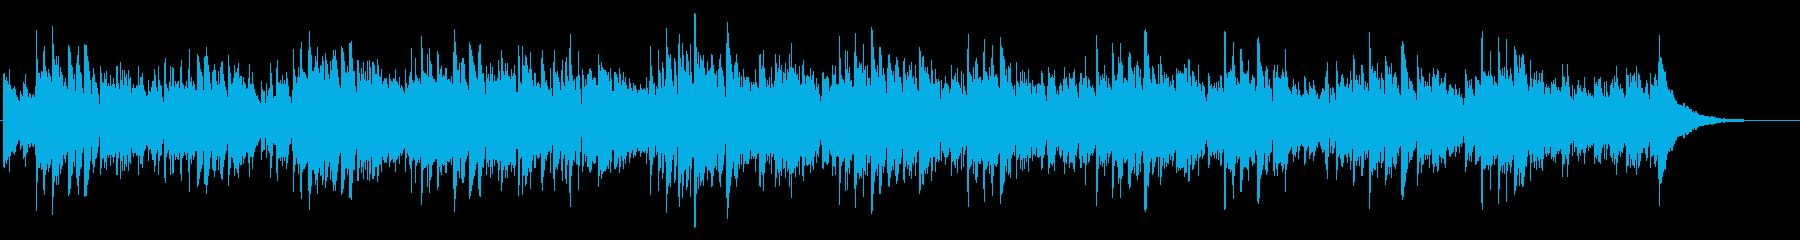 アコギ生演奏 爽やかな風を感じるの再生済みの波形